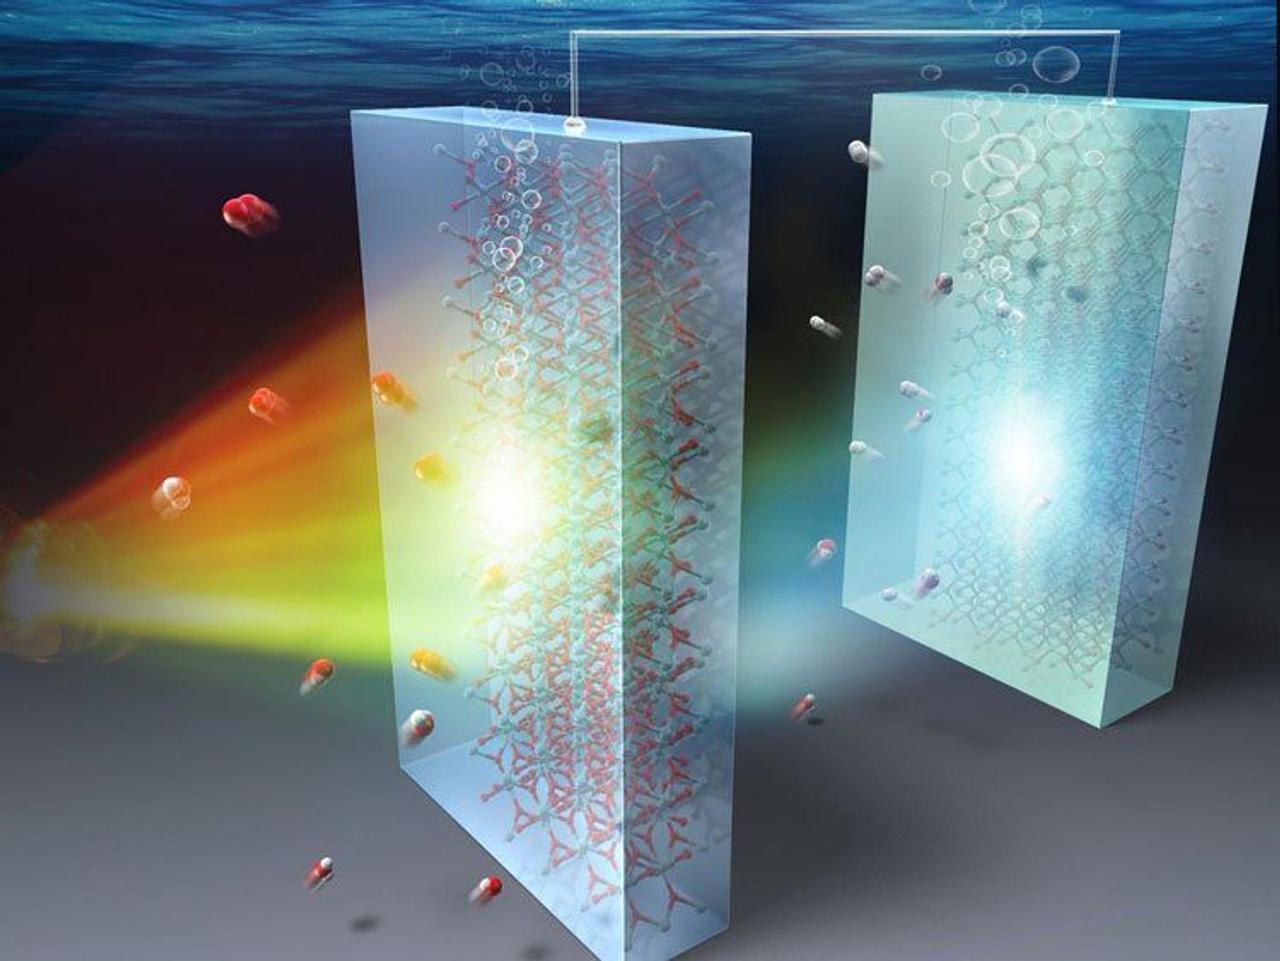 Ученые Японии создали катализатор для добычи водорода из воды с помощью солнечного света